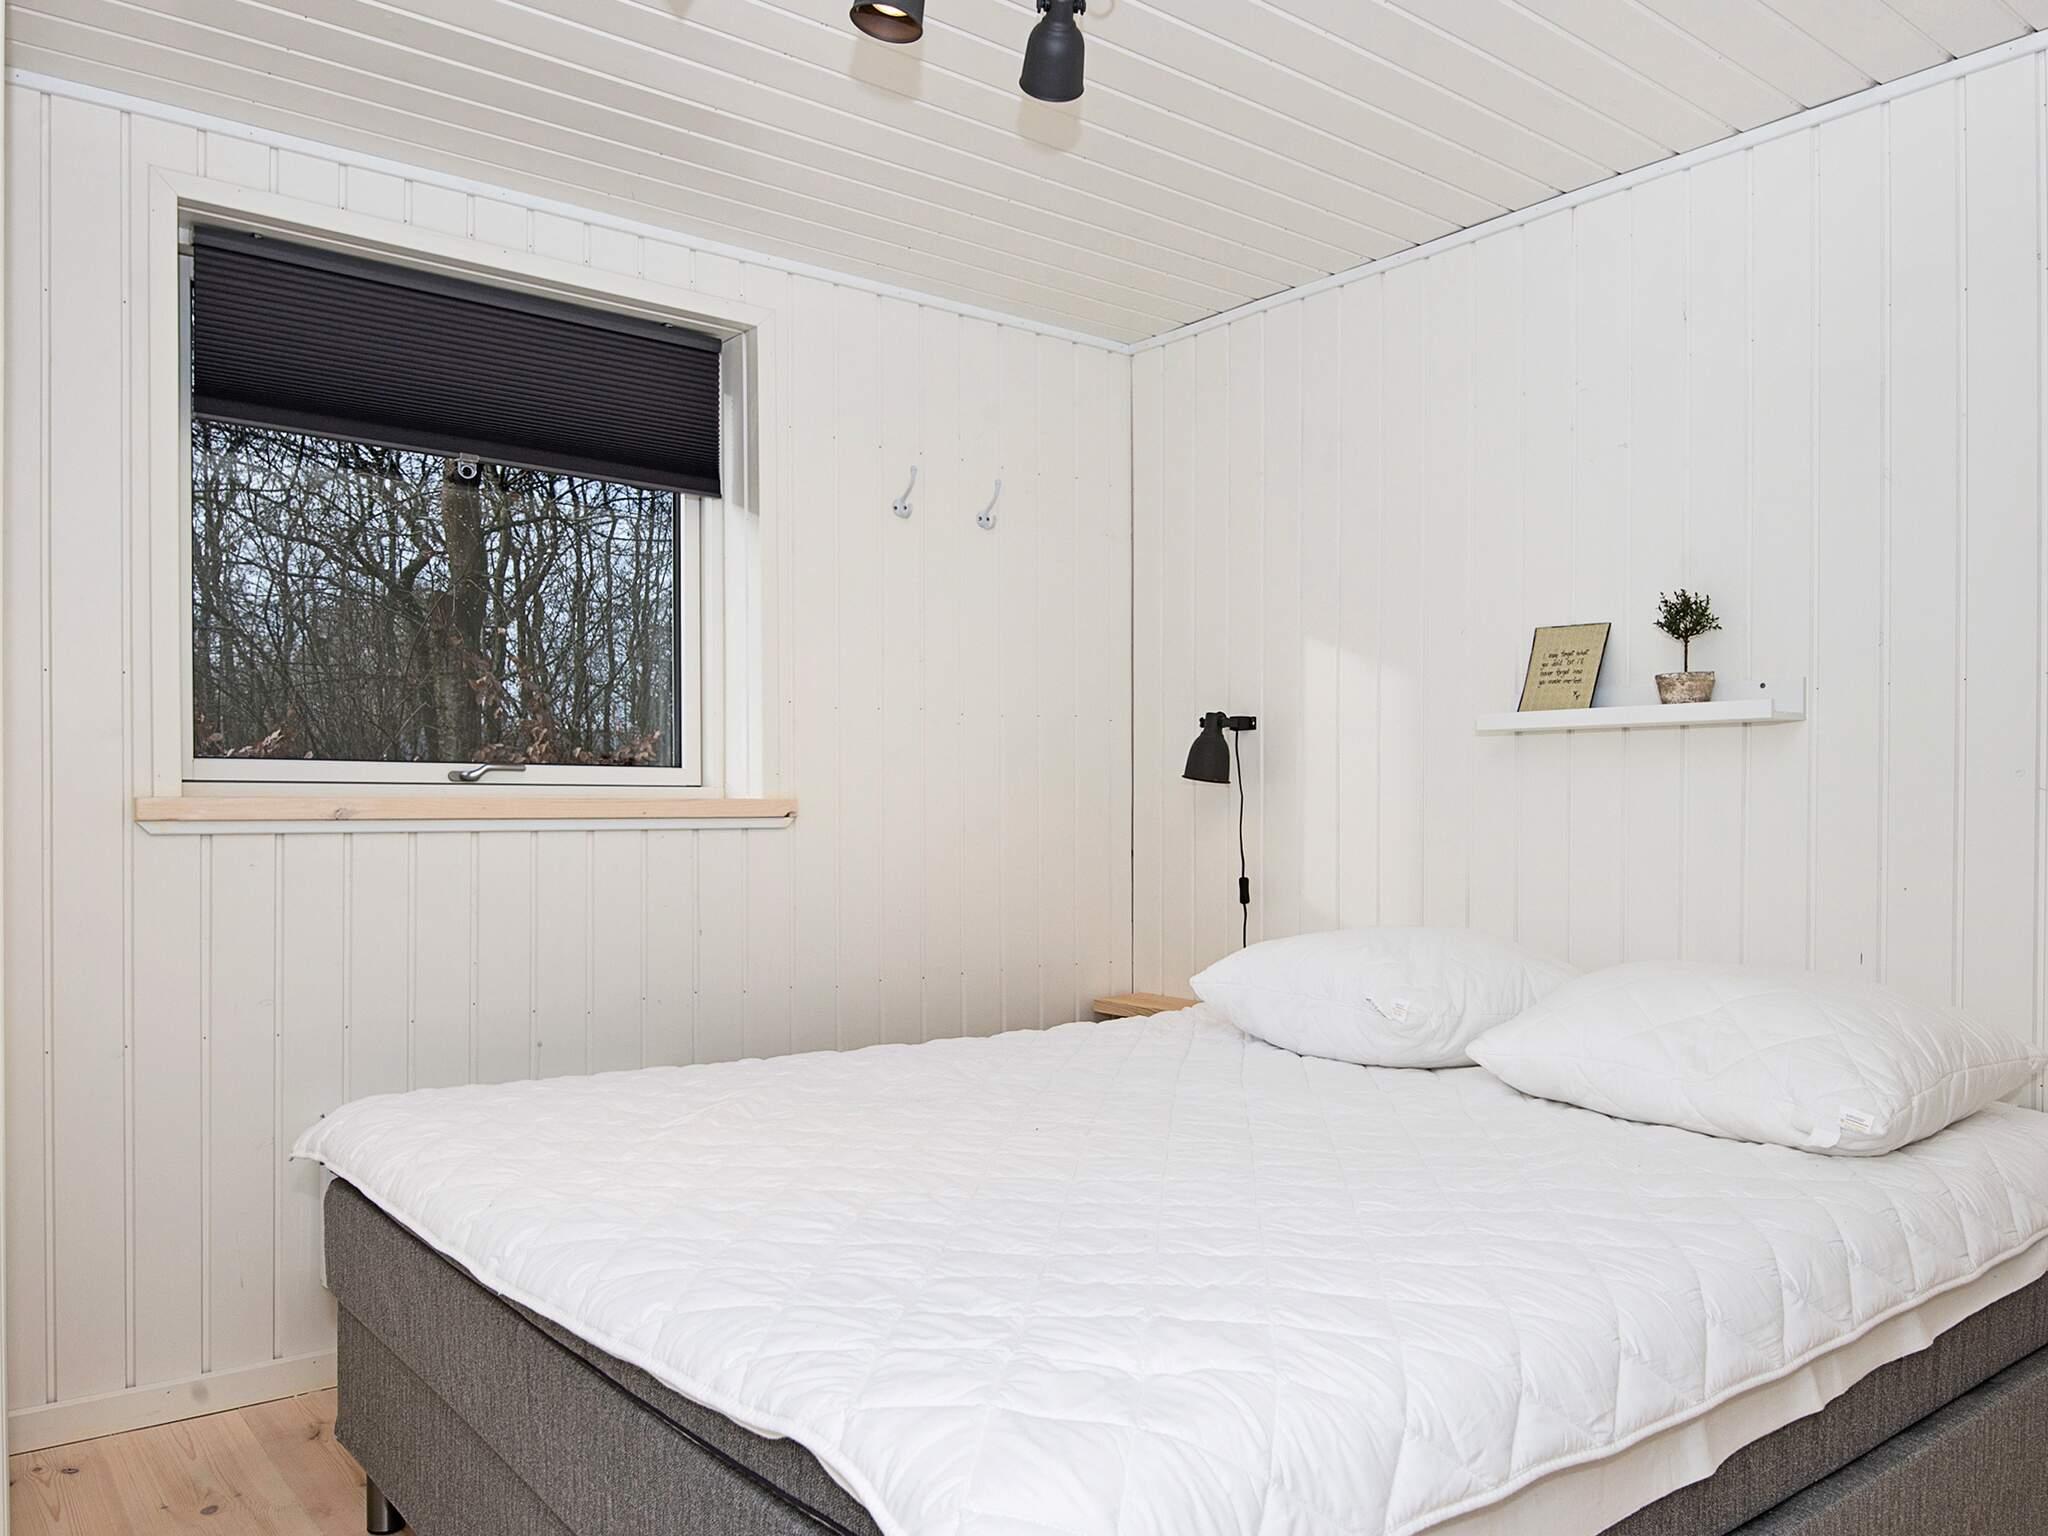 Ferienhaus Silkeborg (2523581), Silkeborg, , Ostjütland, Dänemark, Bild 12